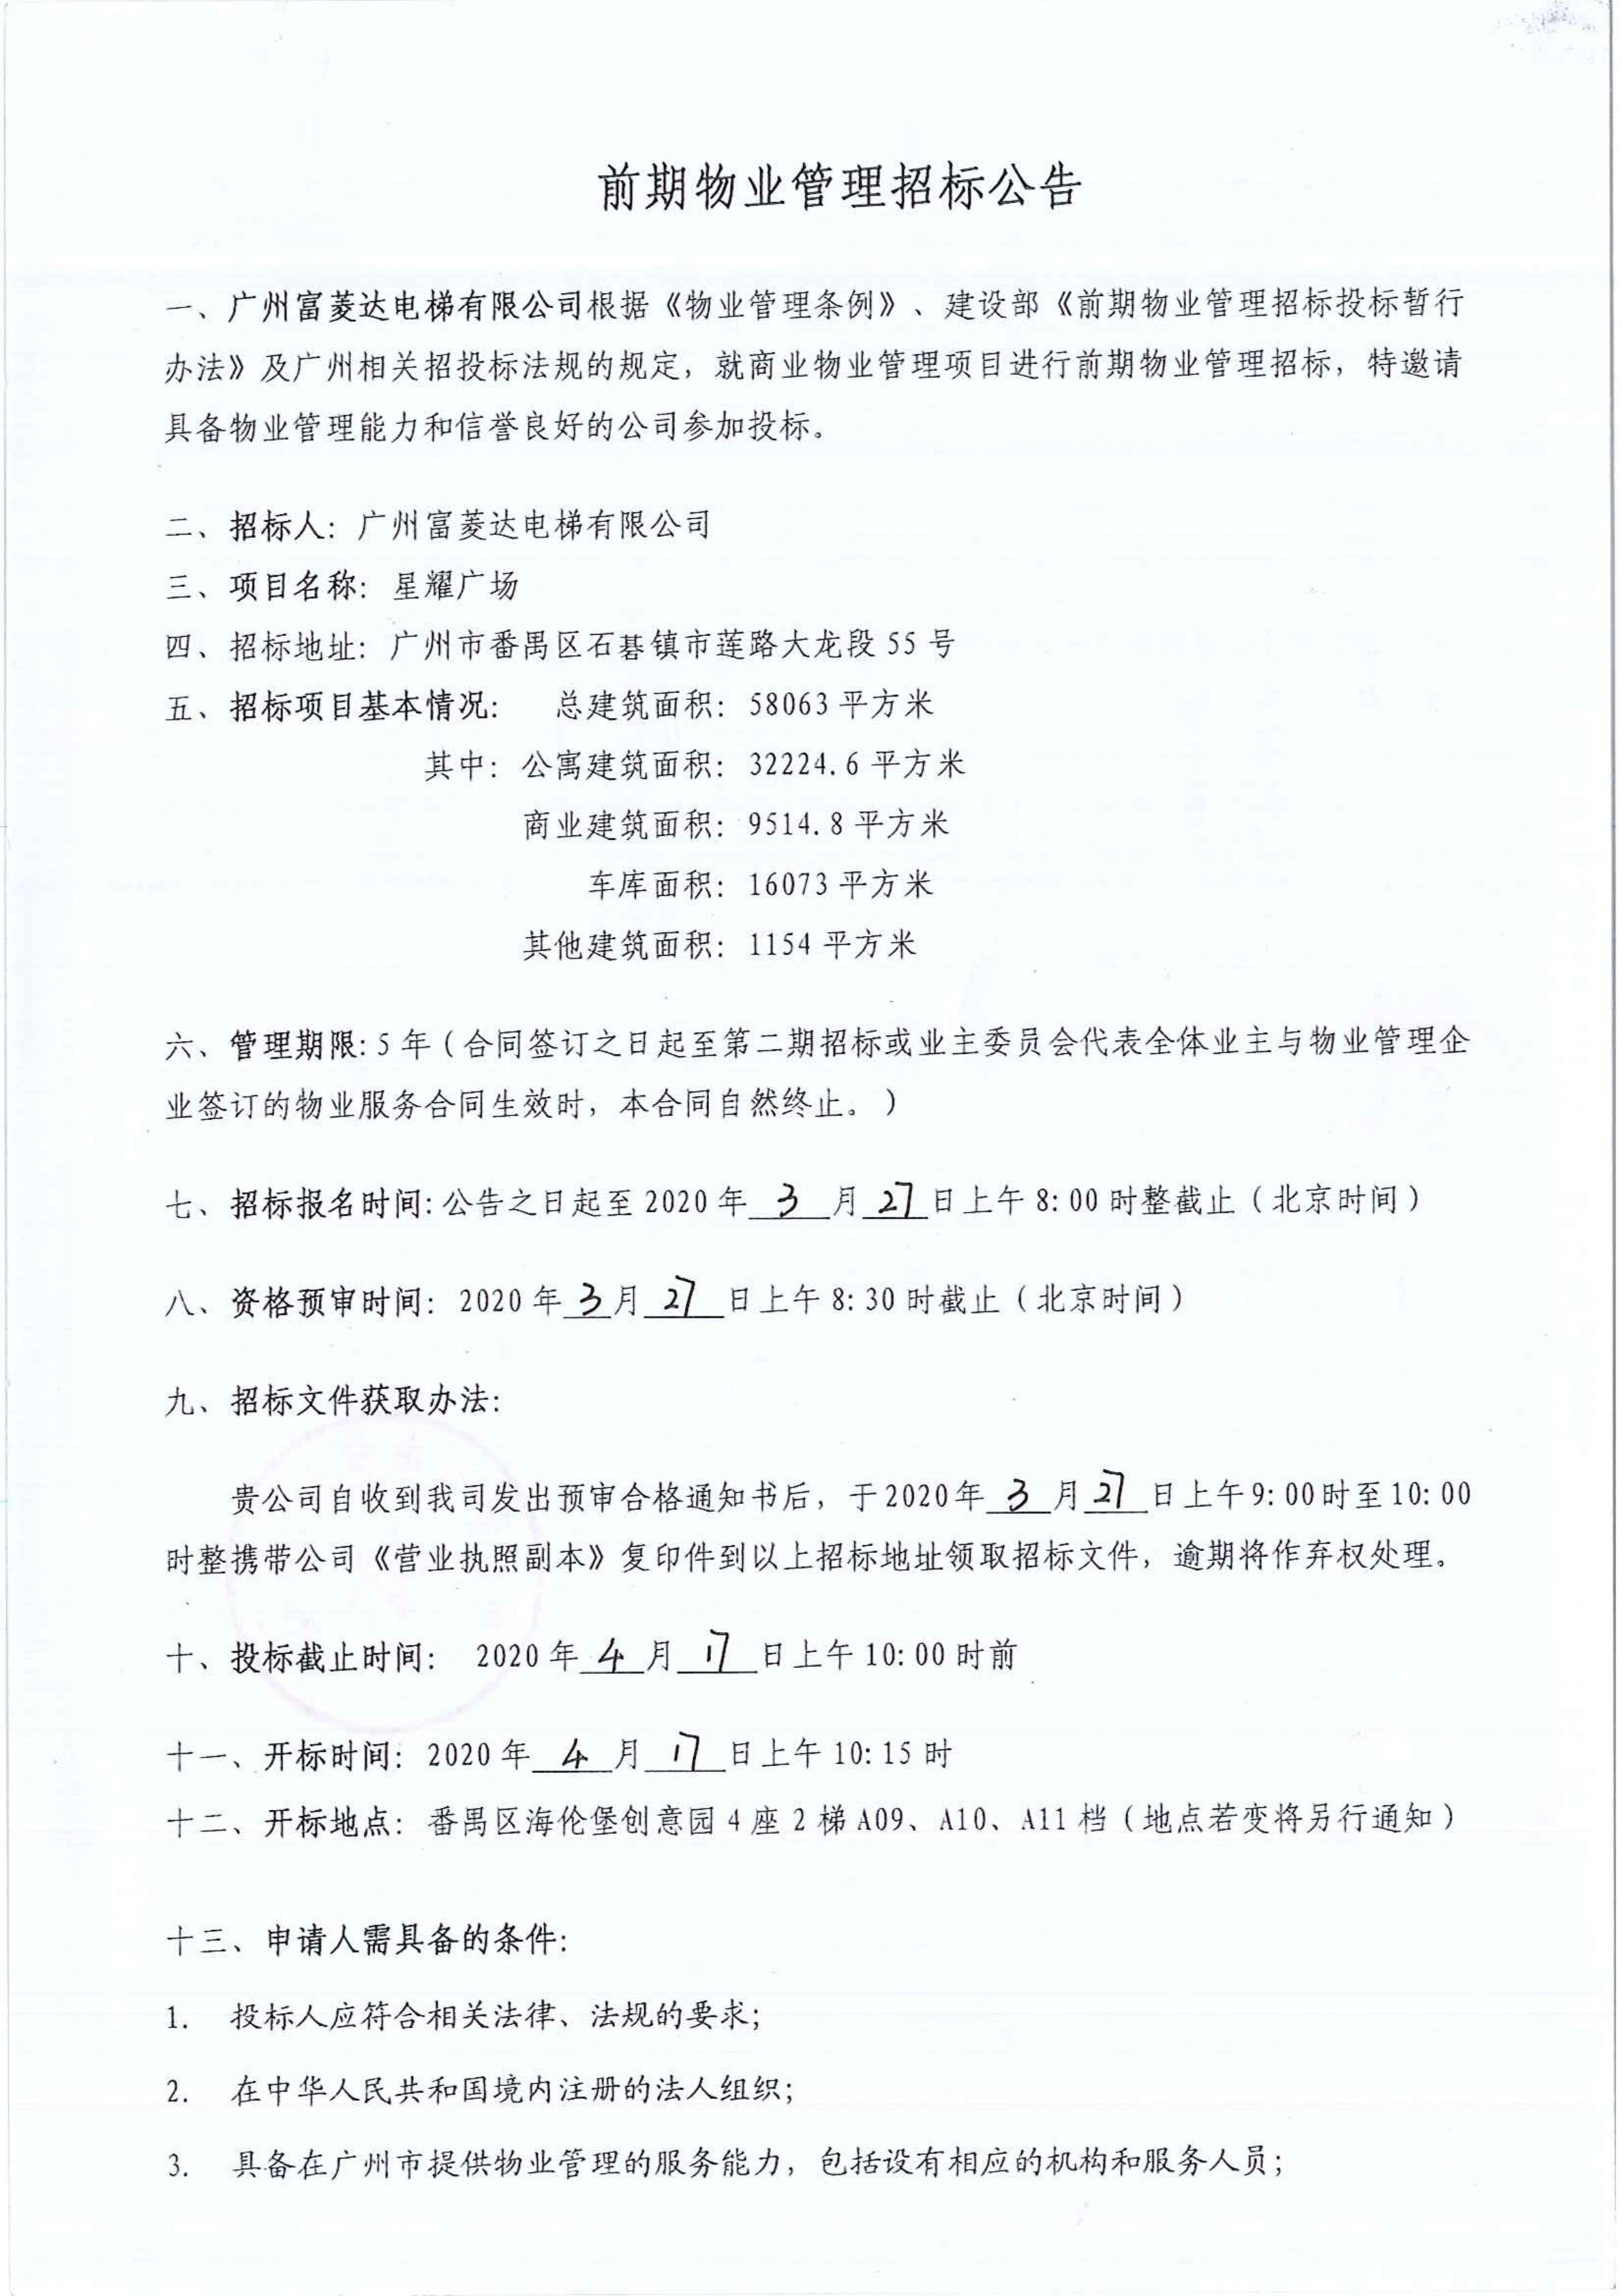 前期物业管理招标公告_00